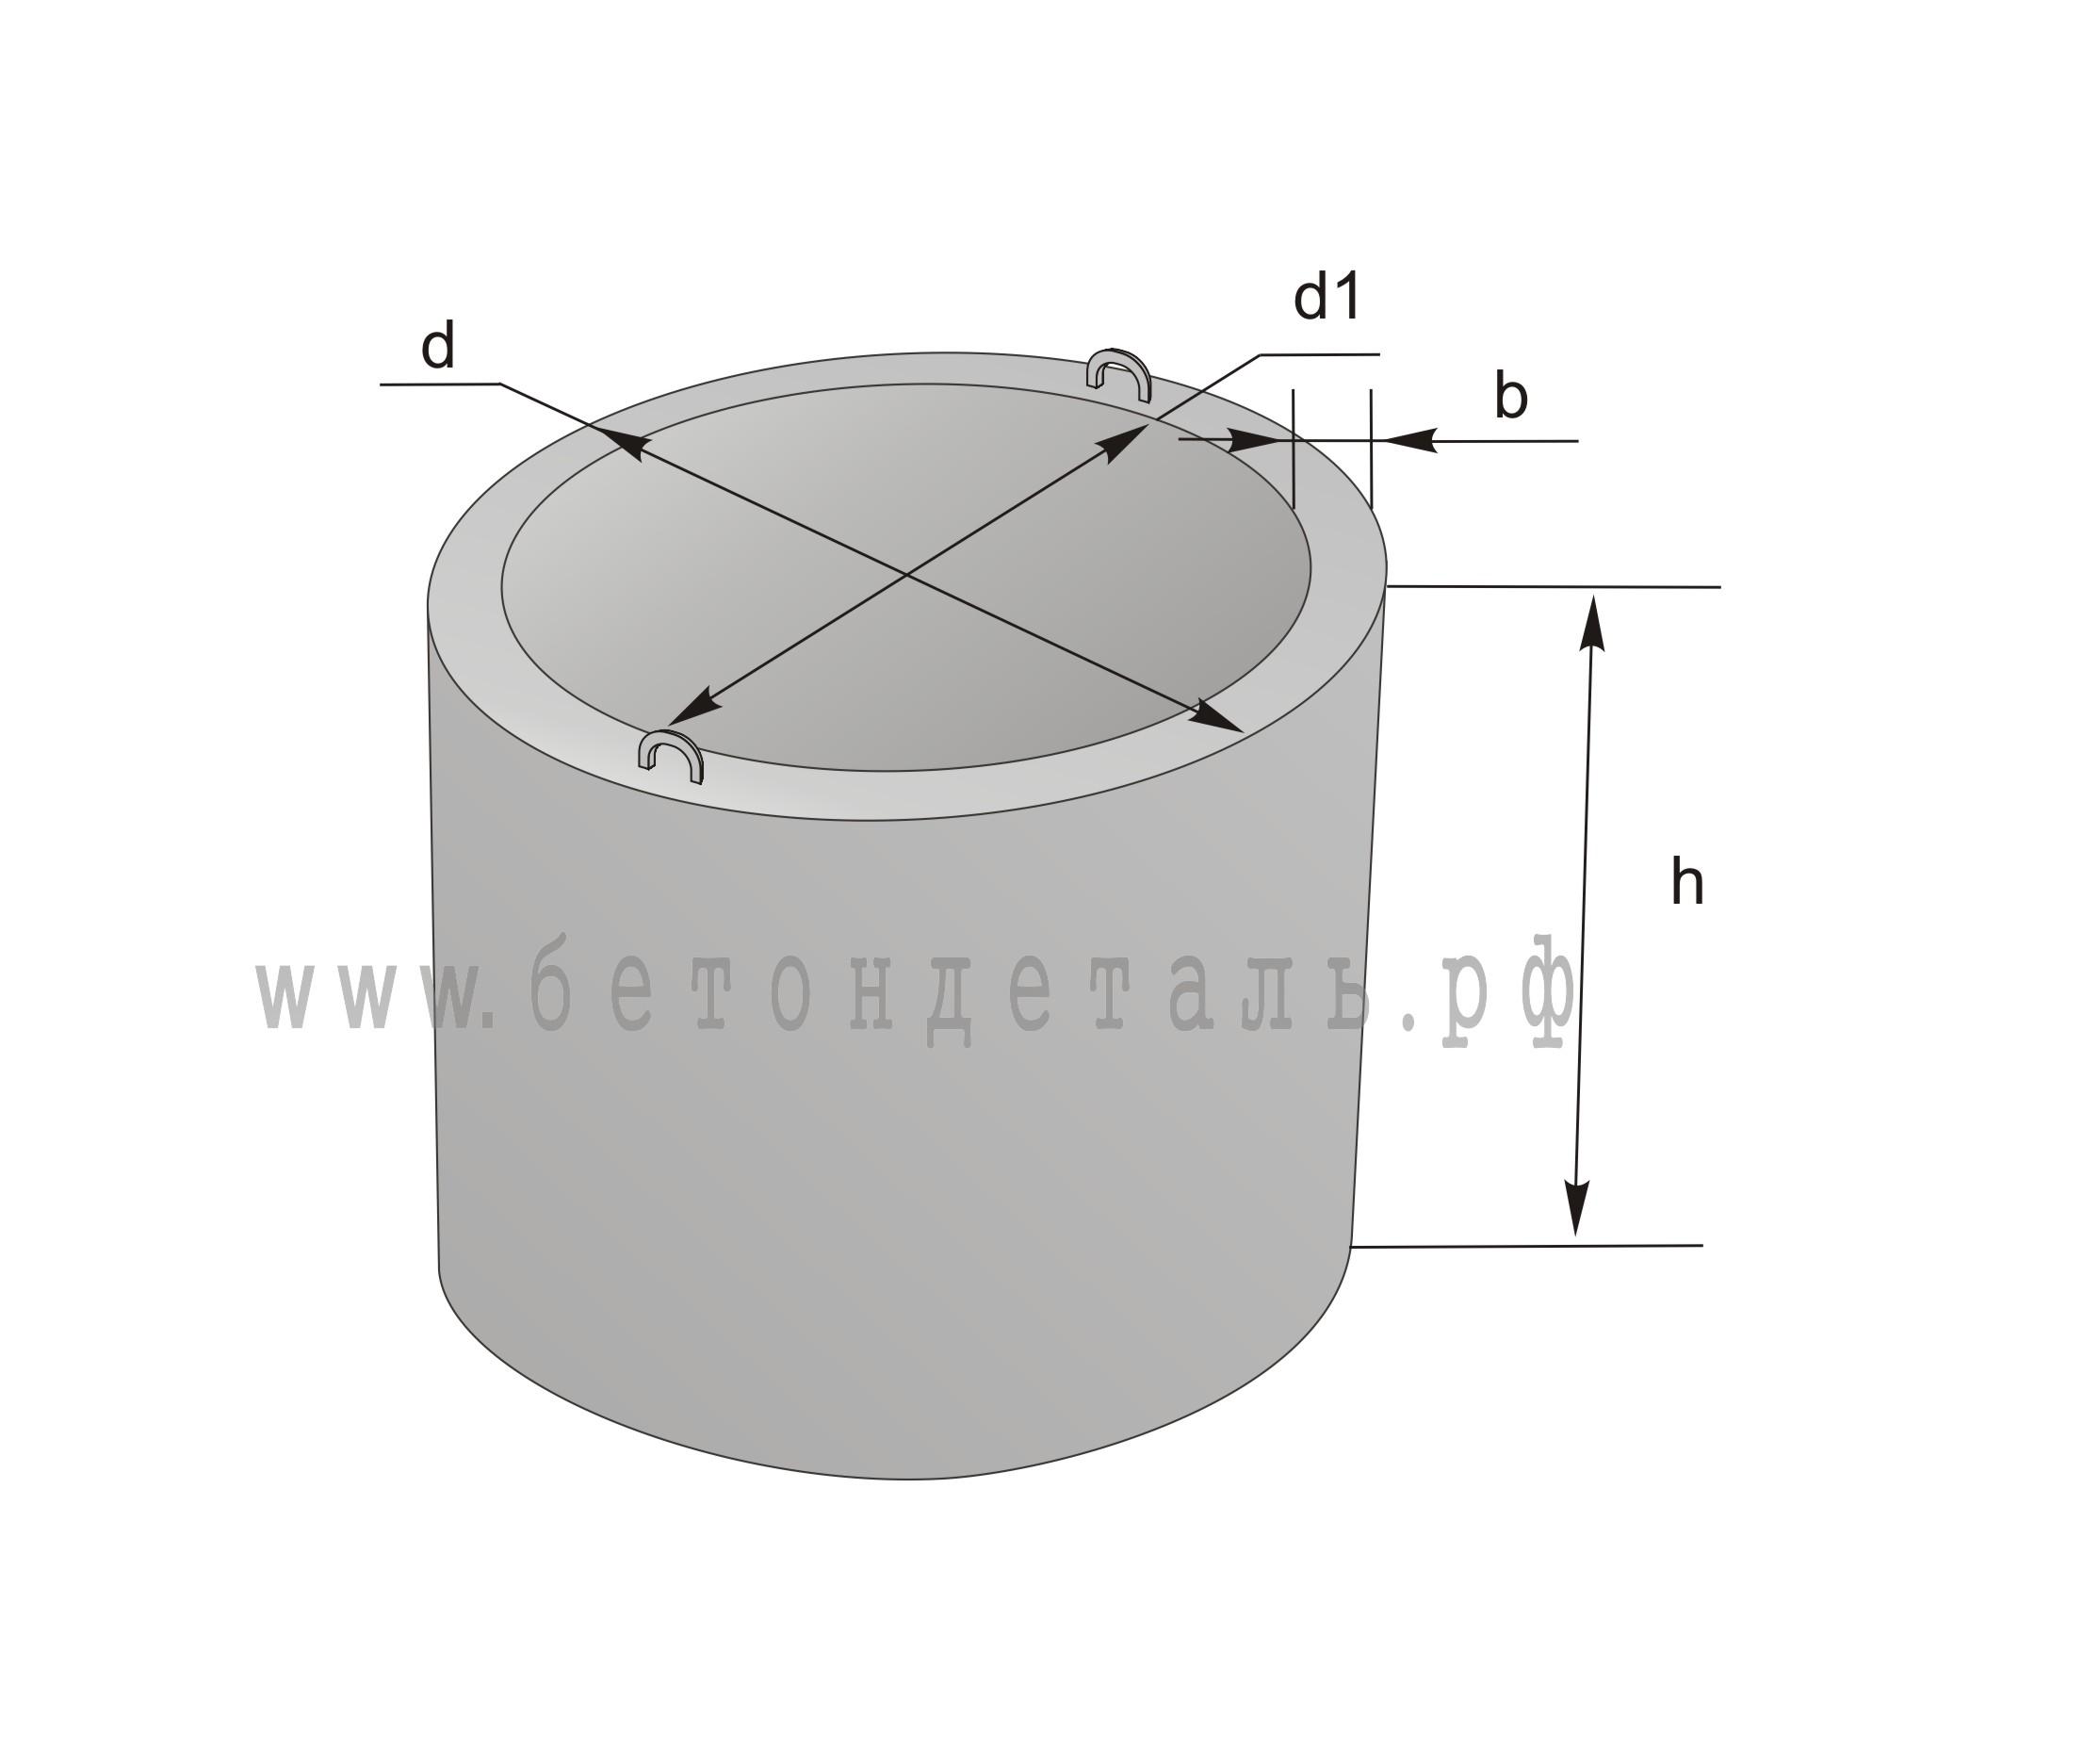 e7f01516c96f Кольца колодезные КС 10-9 Цена вес диаметр ГОСТ серия доставка купить